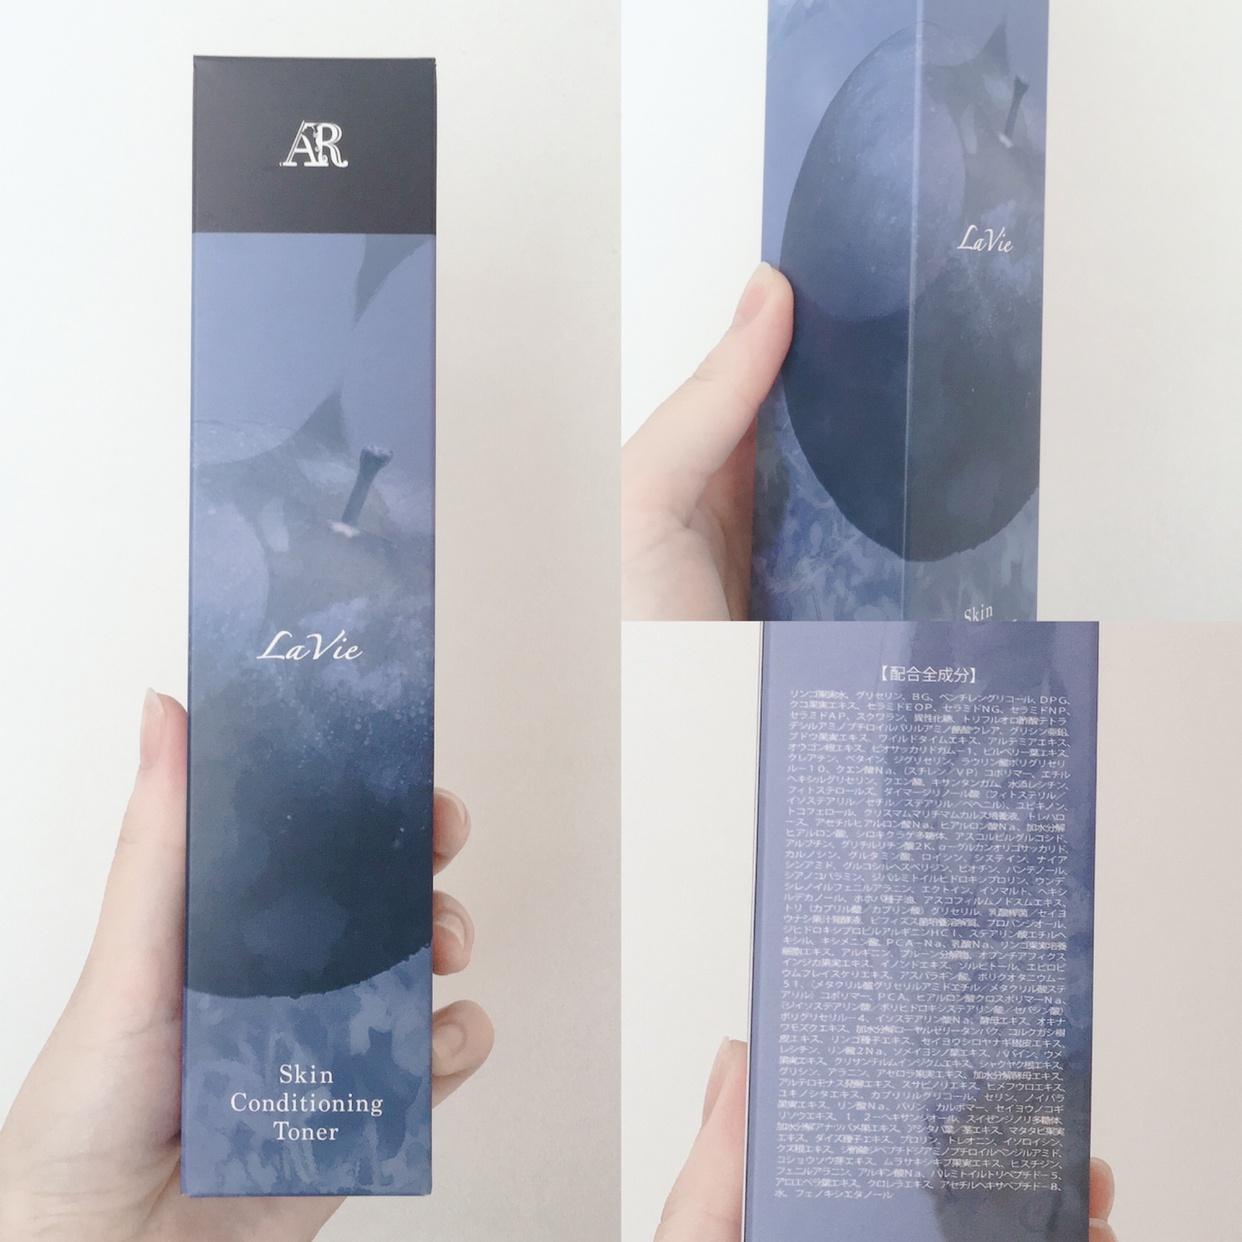 AR Cosmetics TOKYO(エーアールコスメティクストウキョウ) AR化粧水を使ったyunaさんのクチコミ画像2